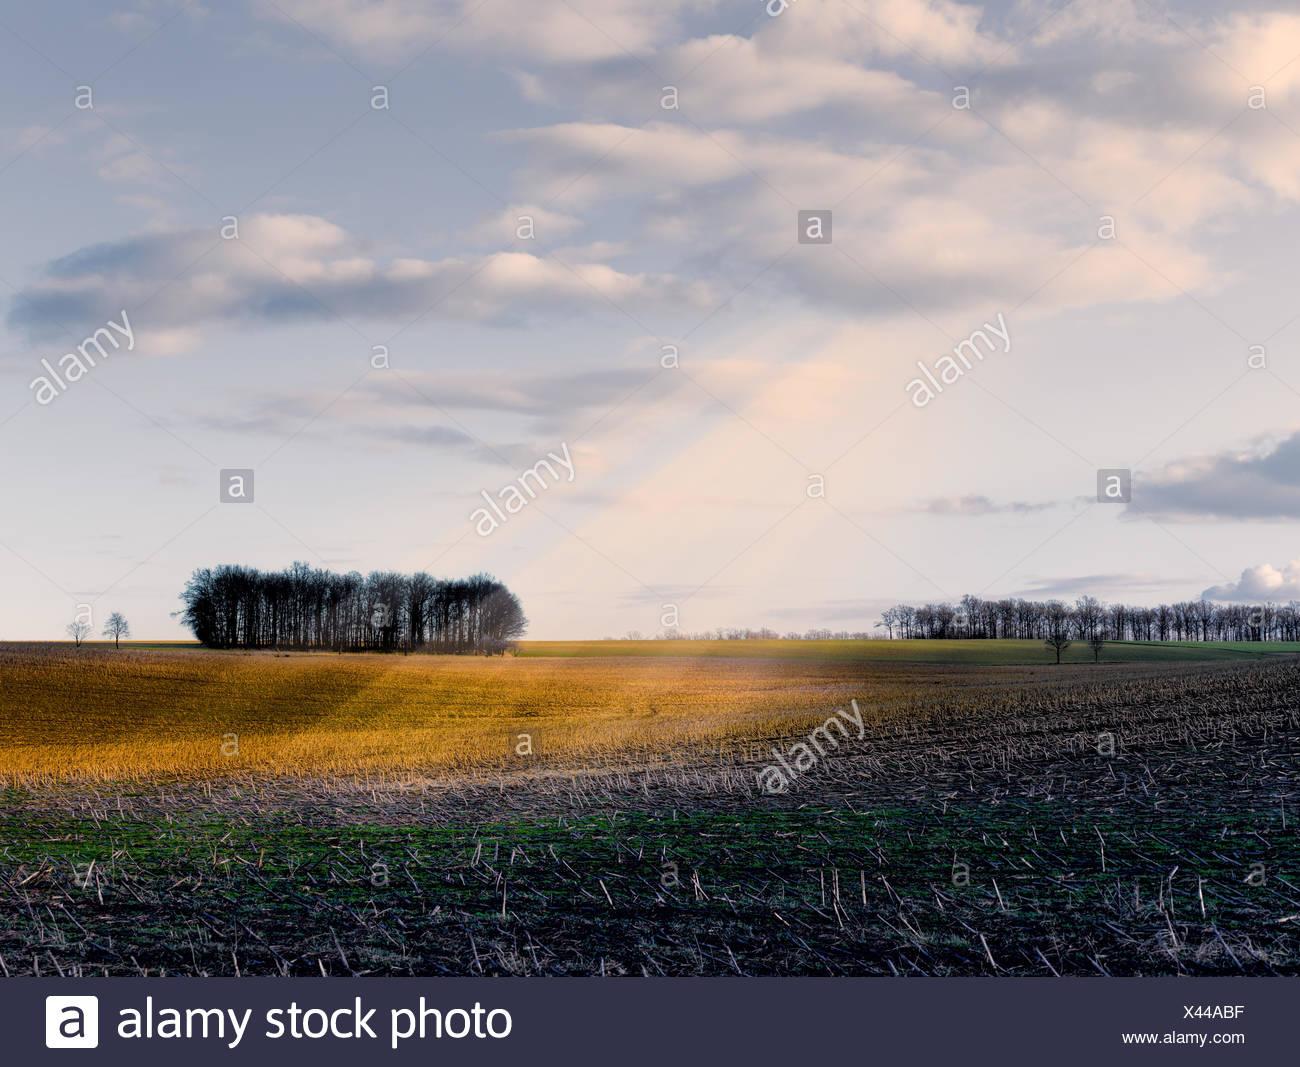 Sonnenstrahlen über einem Feld - Stock Image